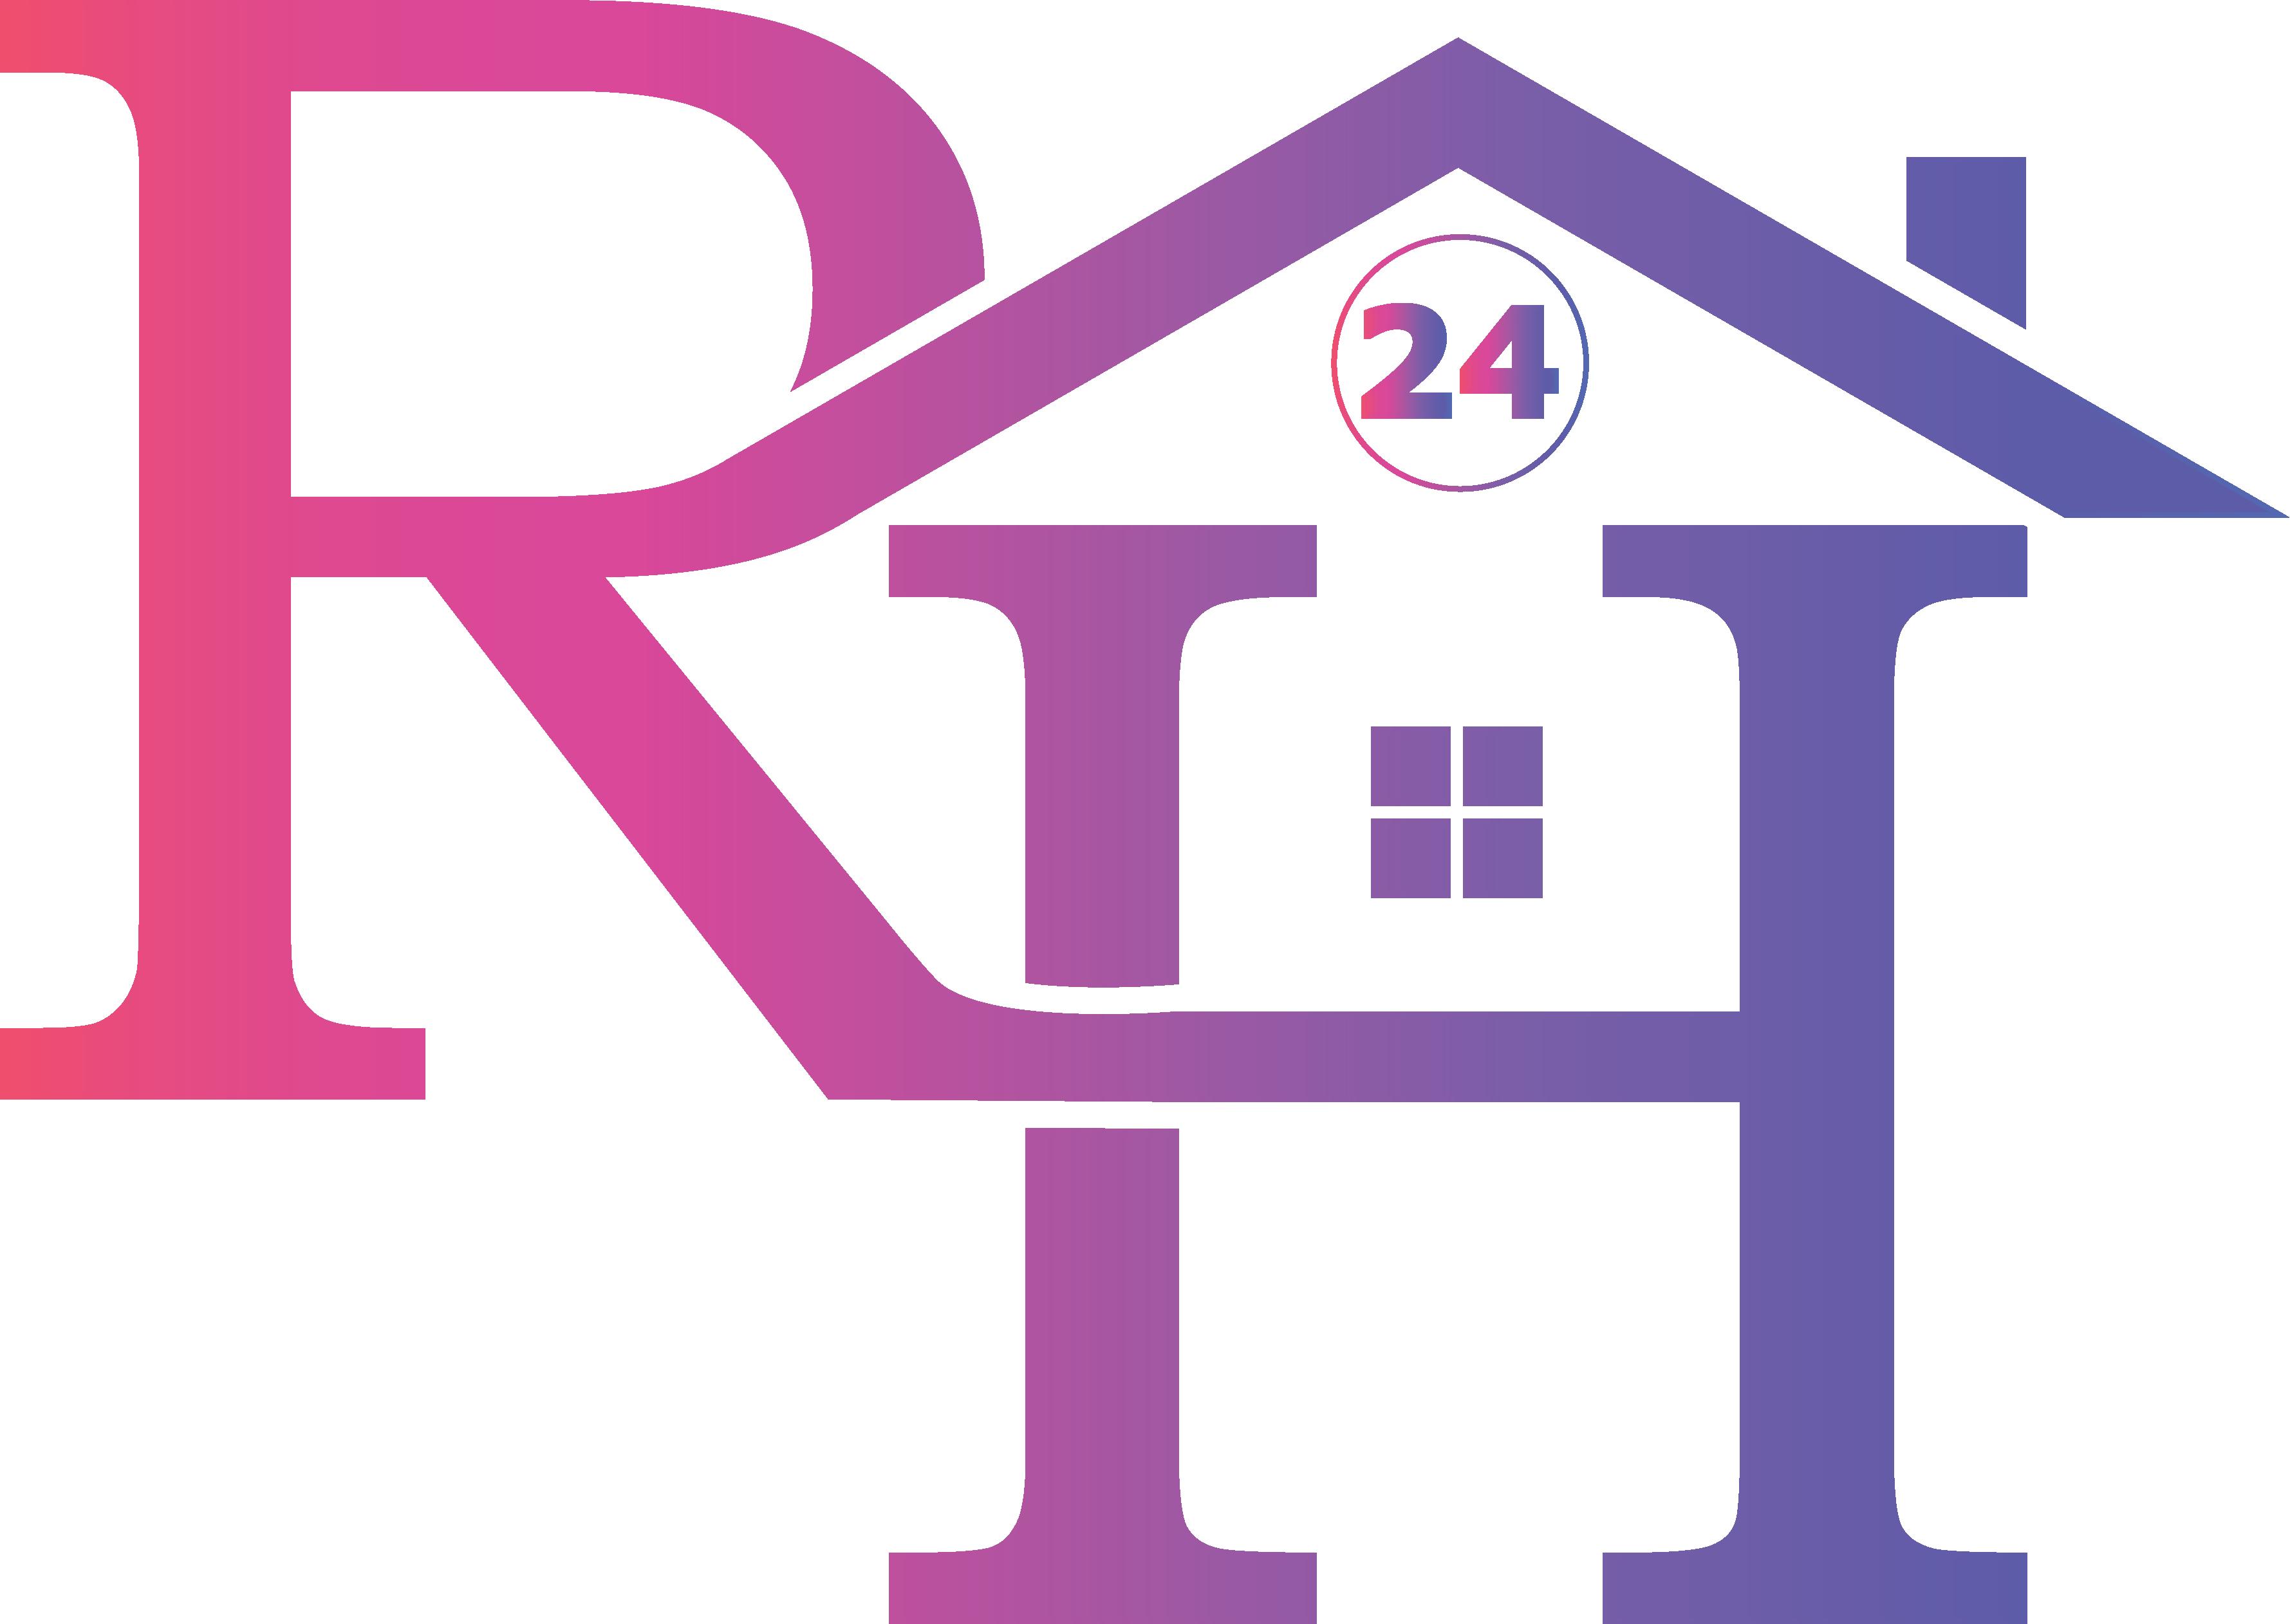 Couvreur Rénovation Habitat 24-Le spécialiste de la couverture